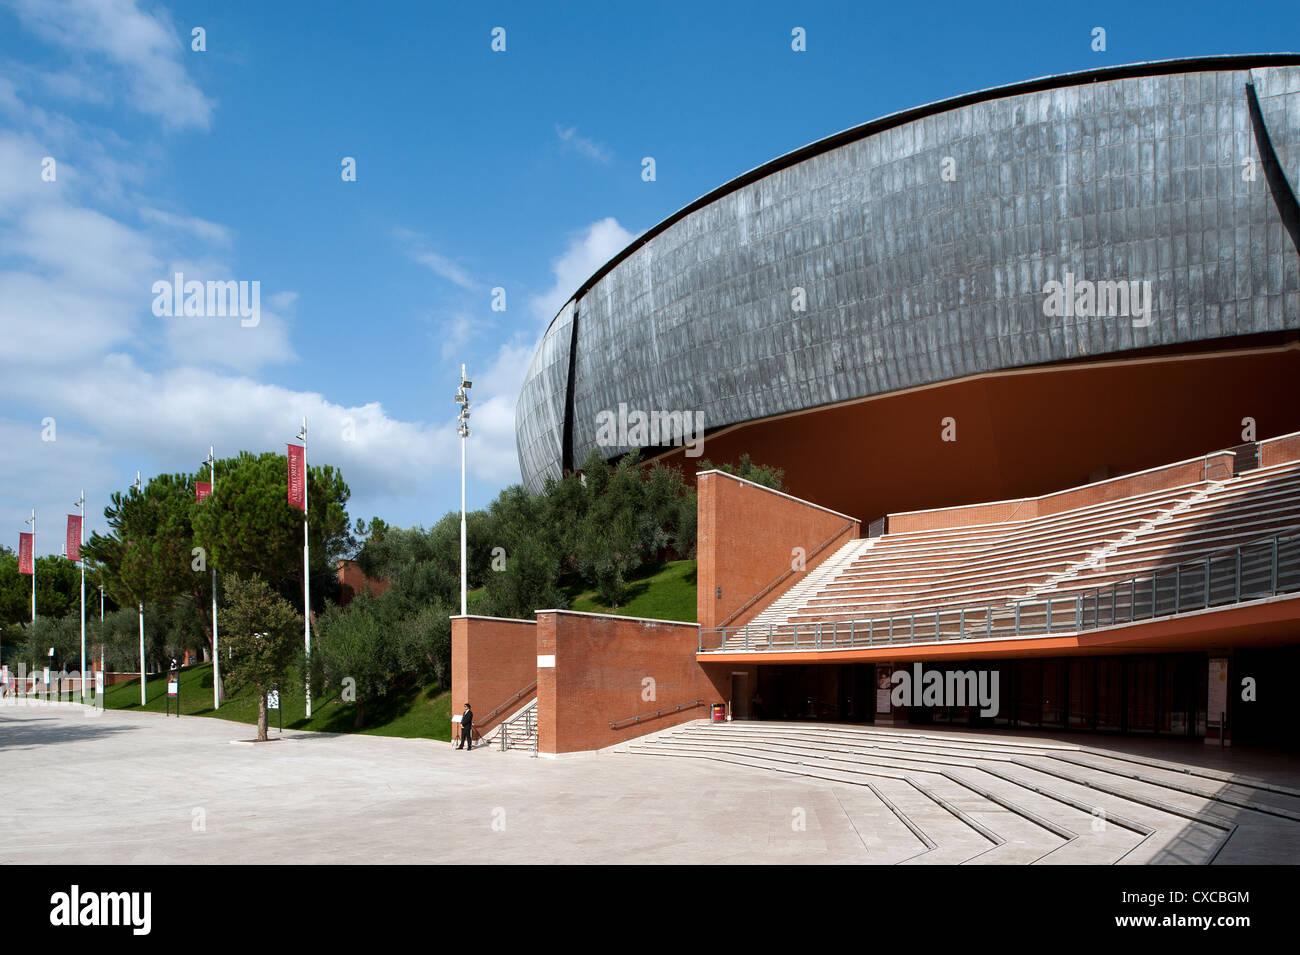 Auditorium Parco della Musica, designed by architect Renzo Piano. Rome, Italy, Europe Stock Photo